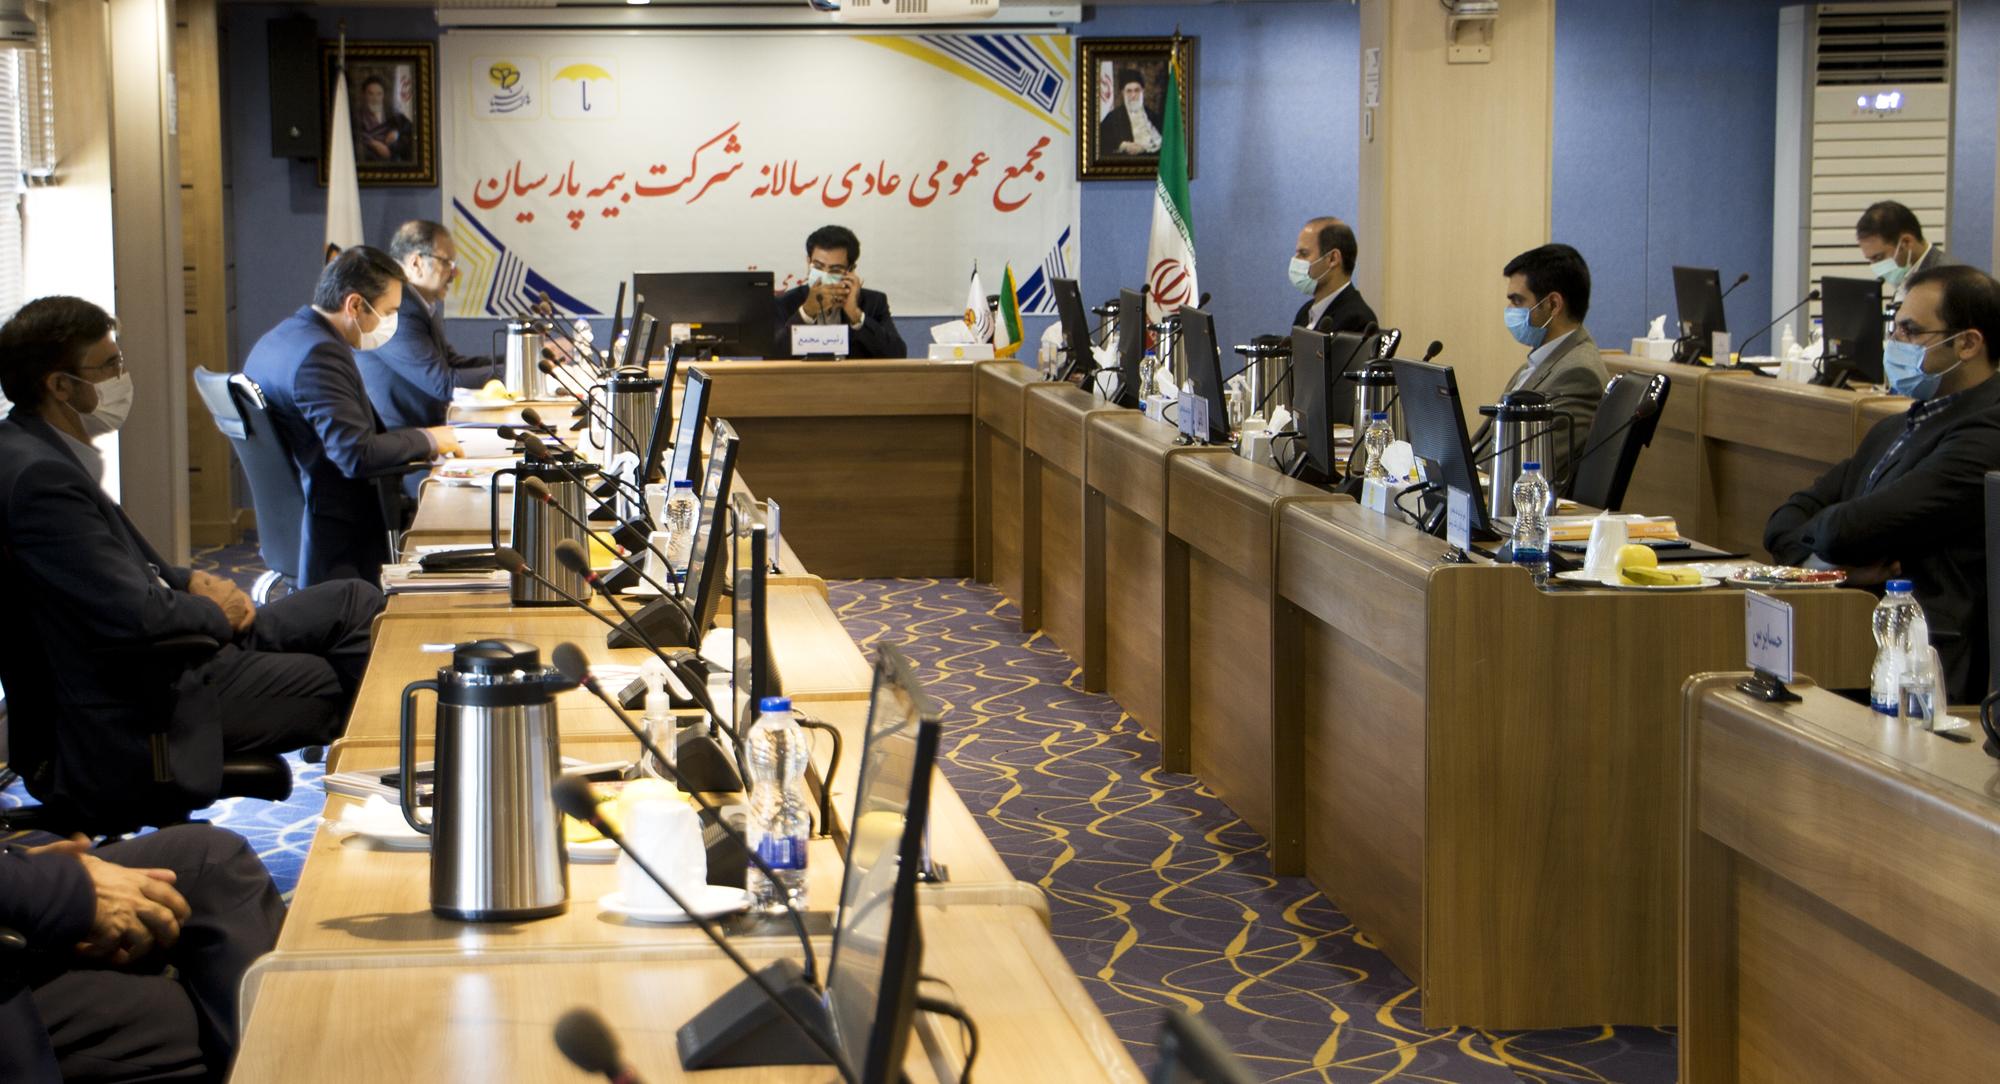 بیمه پارسیان اولین شركت برگزاركننده مجمع عمومی در صنعت بیمه